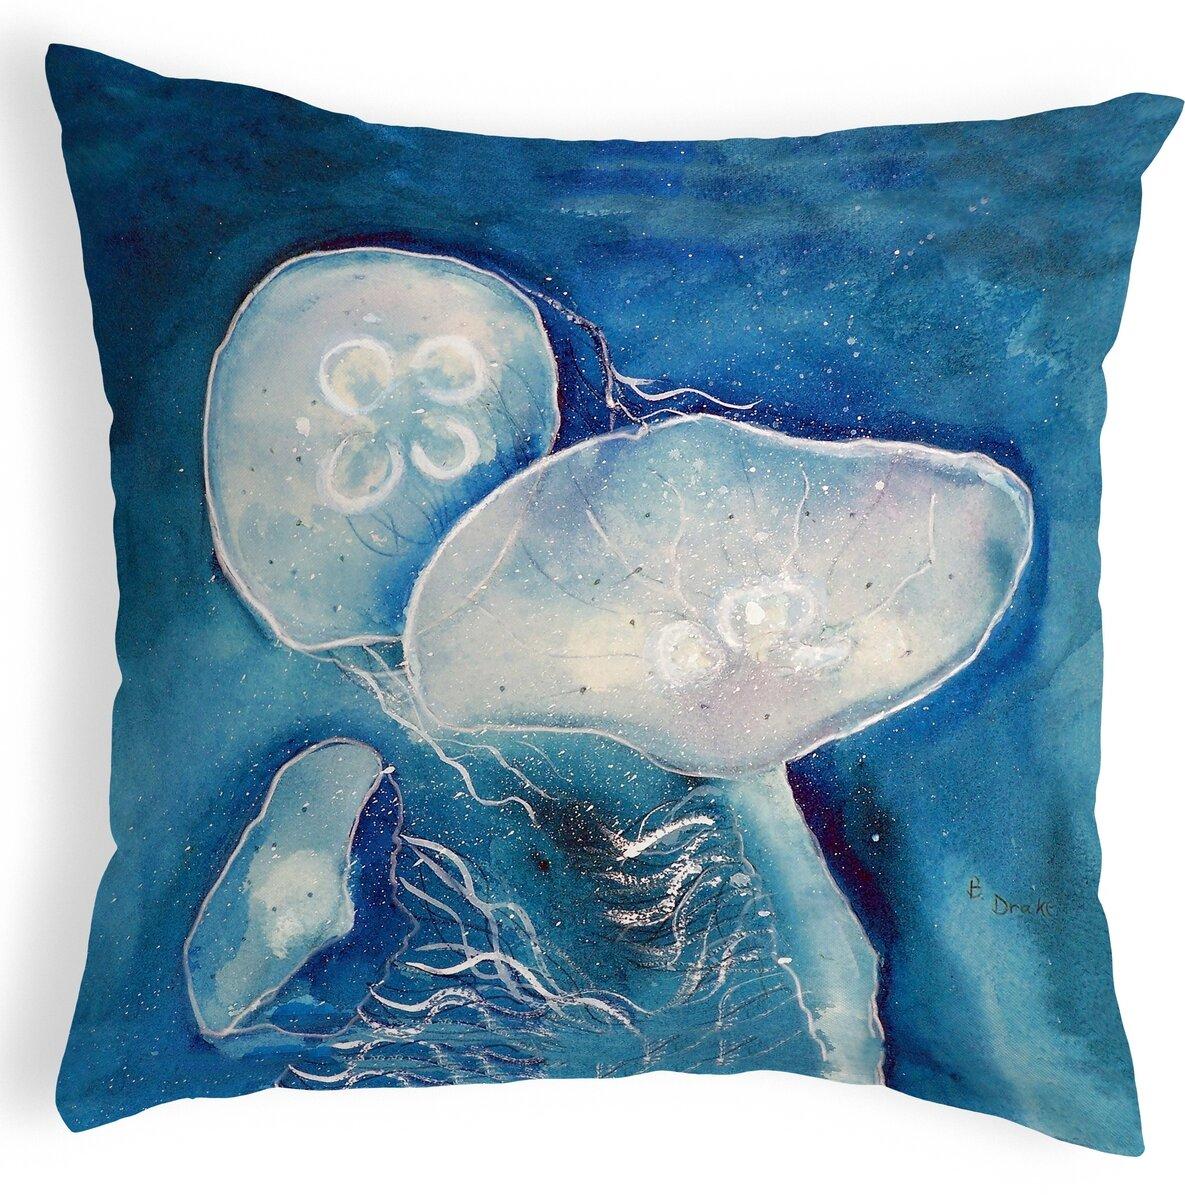 Highland Dunes Kentmere Jellyfish Indoor Outdoor Lumbar Pillow Wayfair